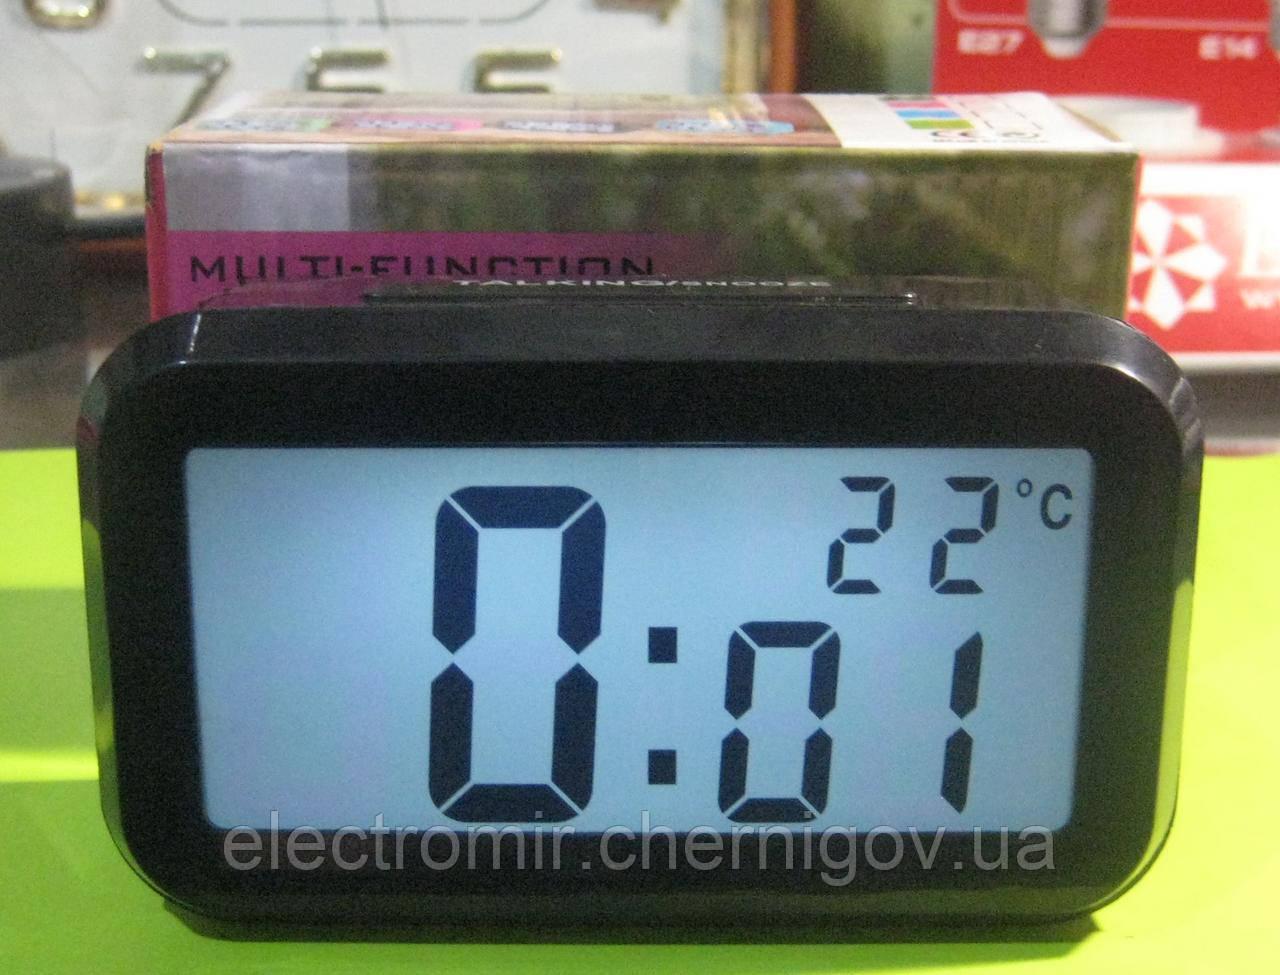 Часы настольные с термометром и будильником XK-9908TE